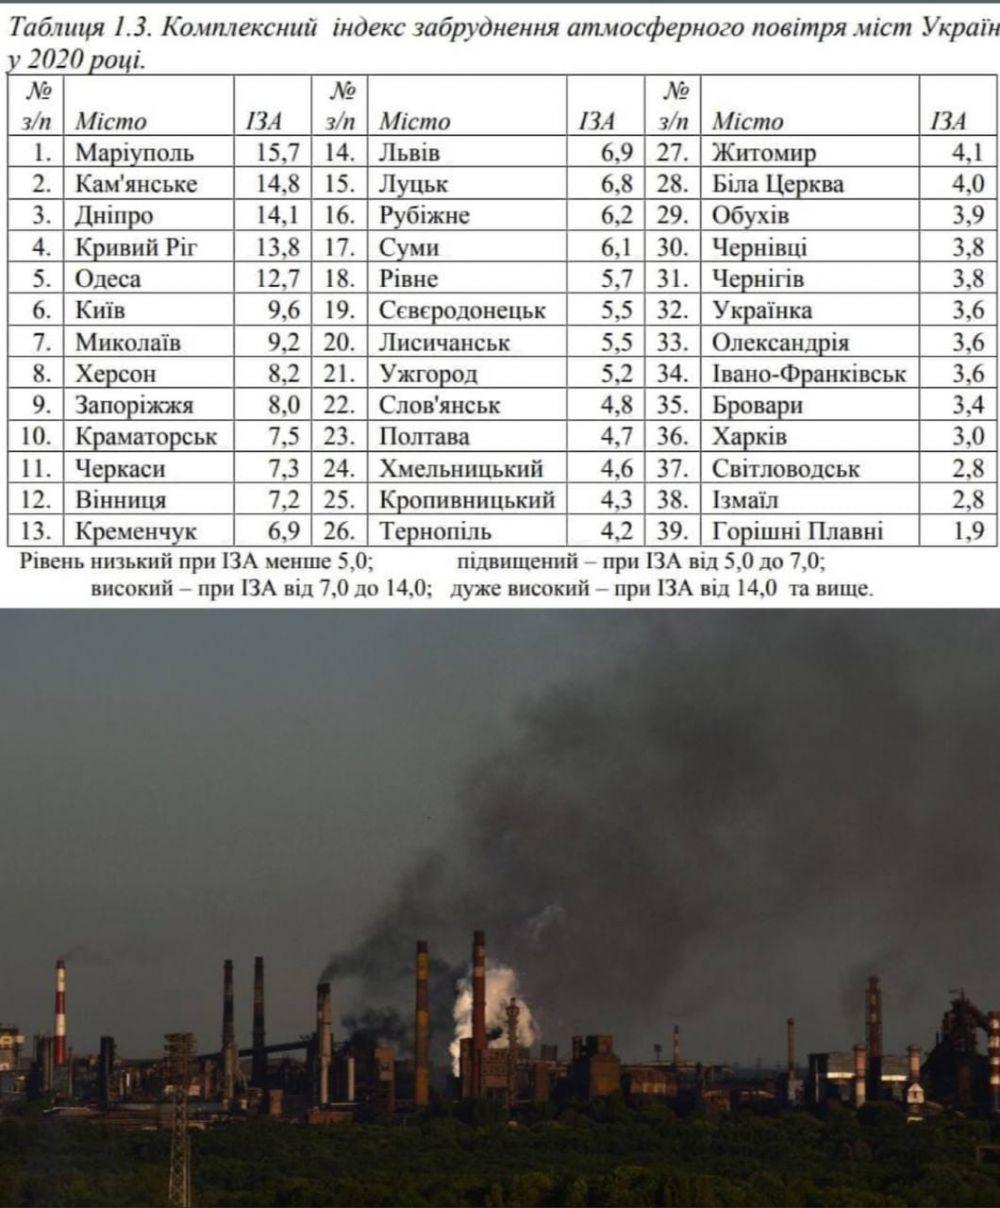 Рейтинг міст України за ІЗА